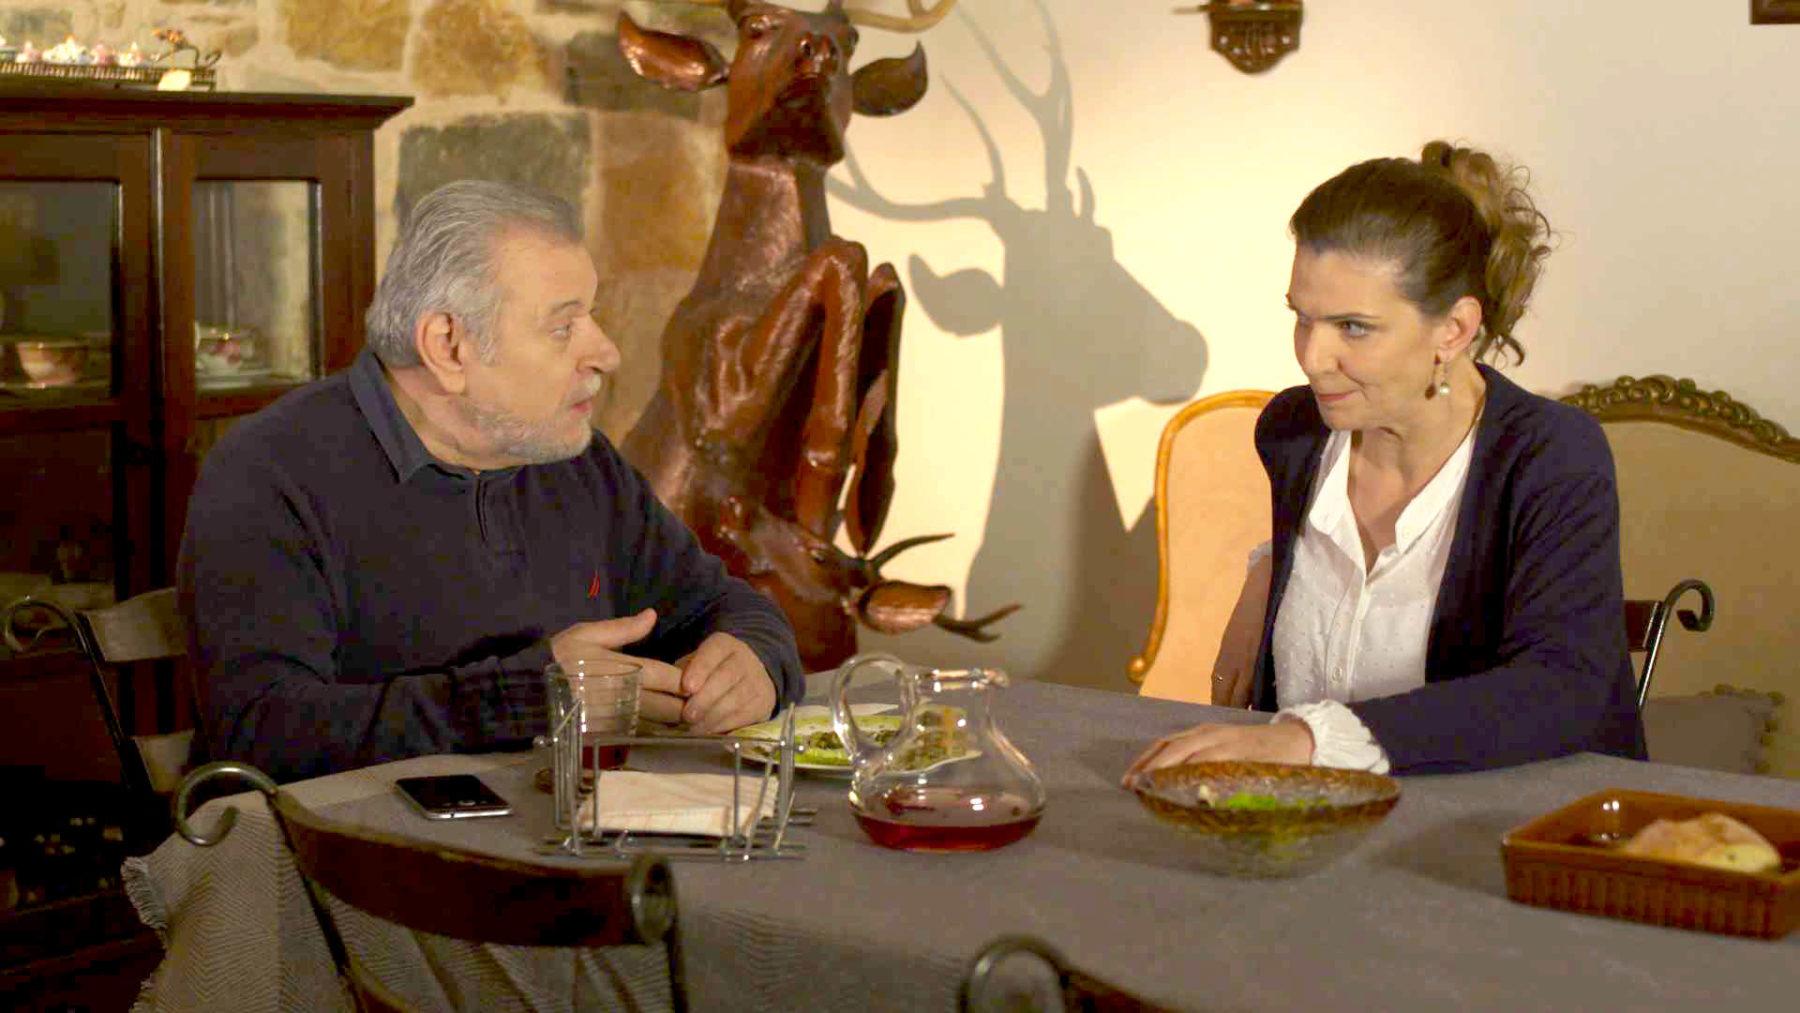 Χαιρετα μου τον Πλάτανο: Η Πάολα φέρνει σόκ σε Κατερίνα και Παναγή